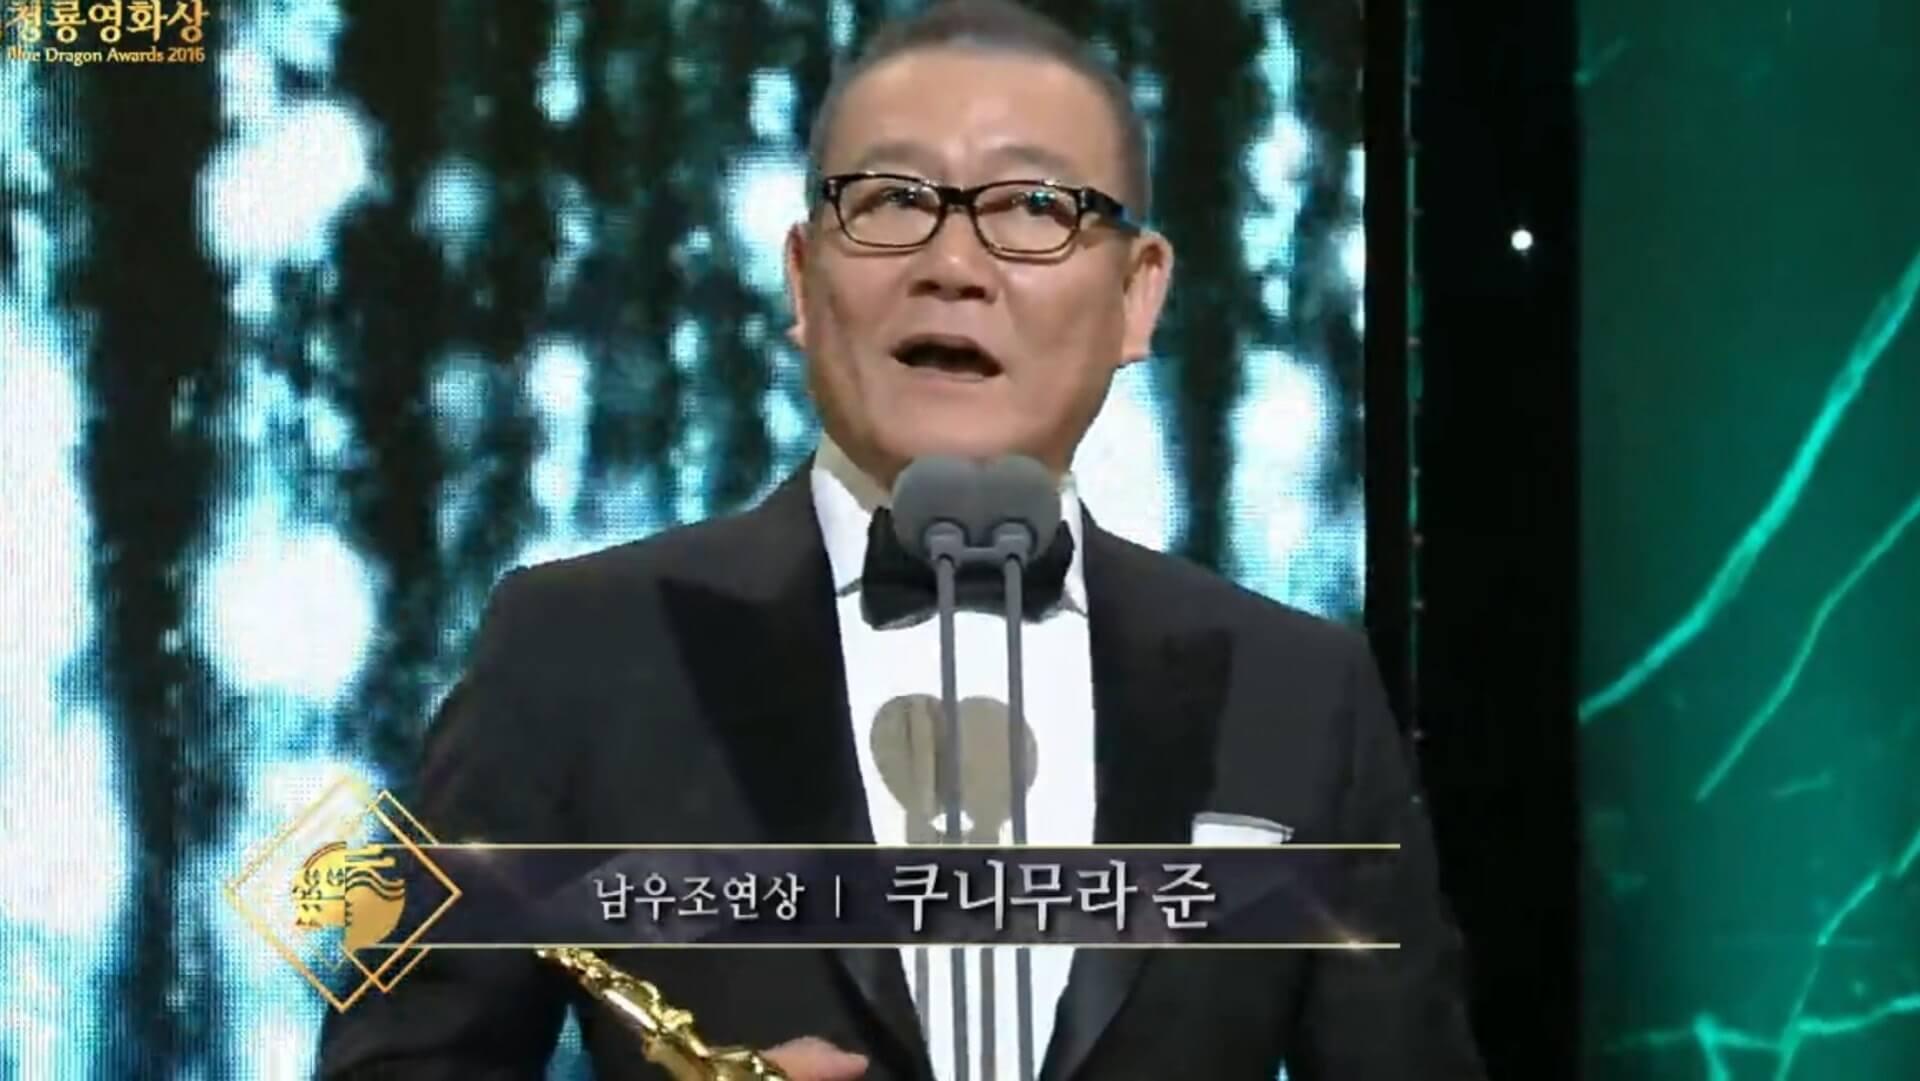 嚇到吃手手 也想要「 二刷 」: 韓片 《 哭聲 》,日本老牌演員 國村隼 更以此片成為首度獲韓青龍獎榮耀的非韓籍人士。